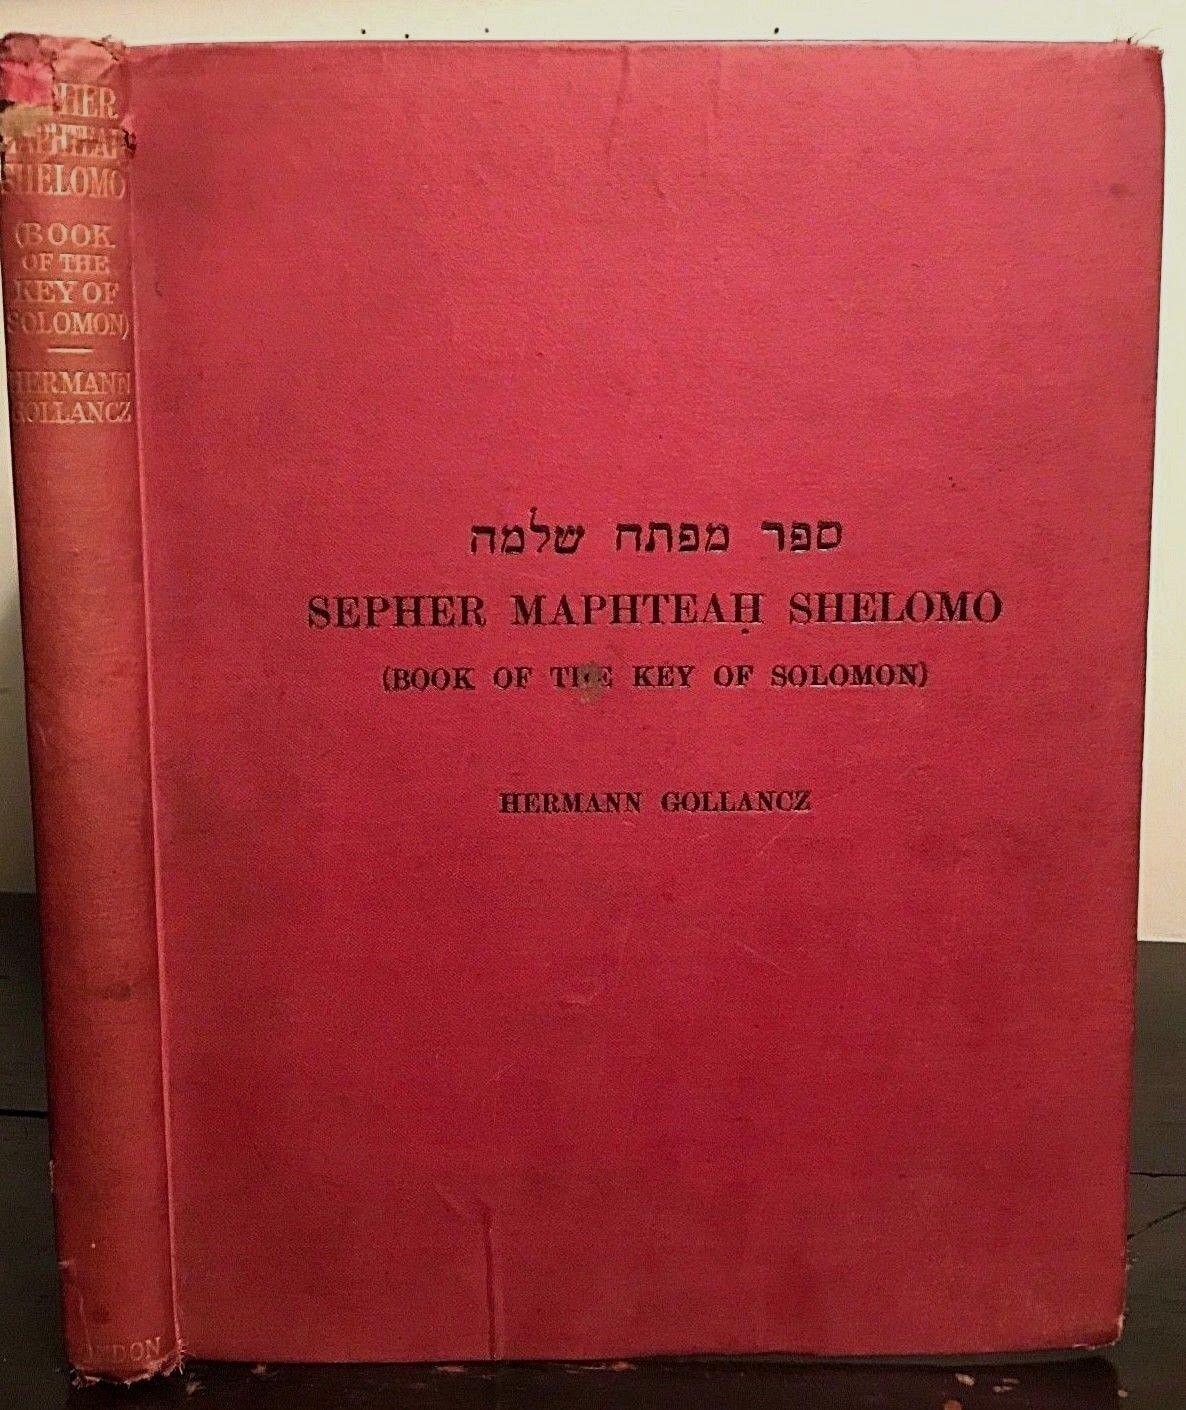 foto de viaLibri ~ Rare Books from 1914 Page 11